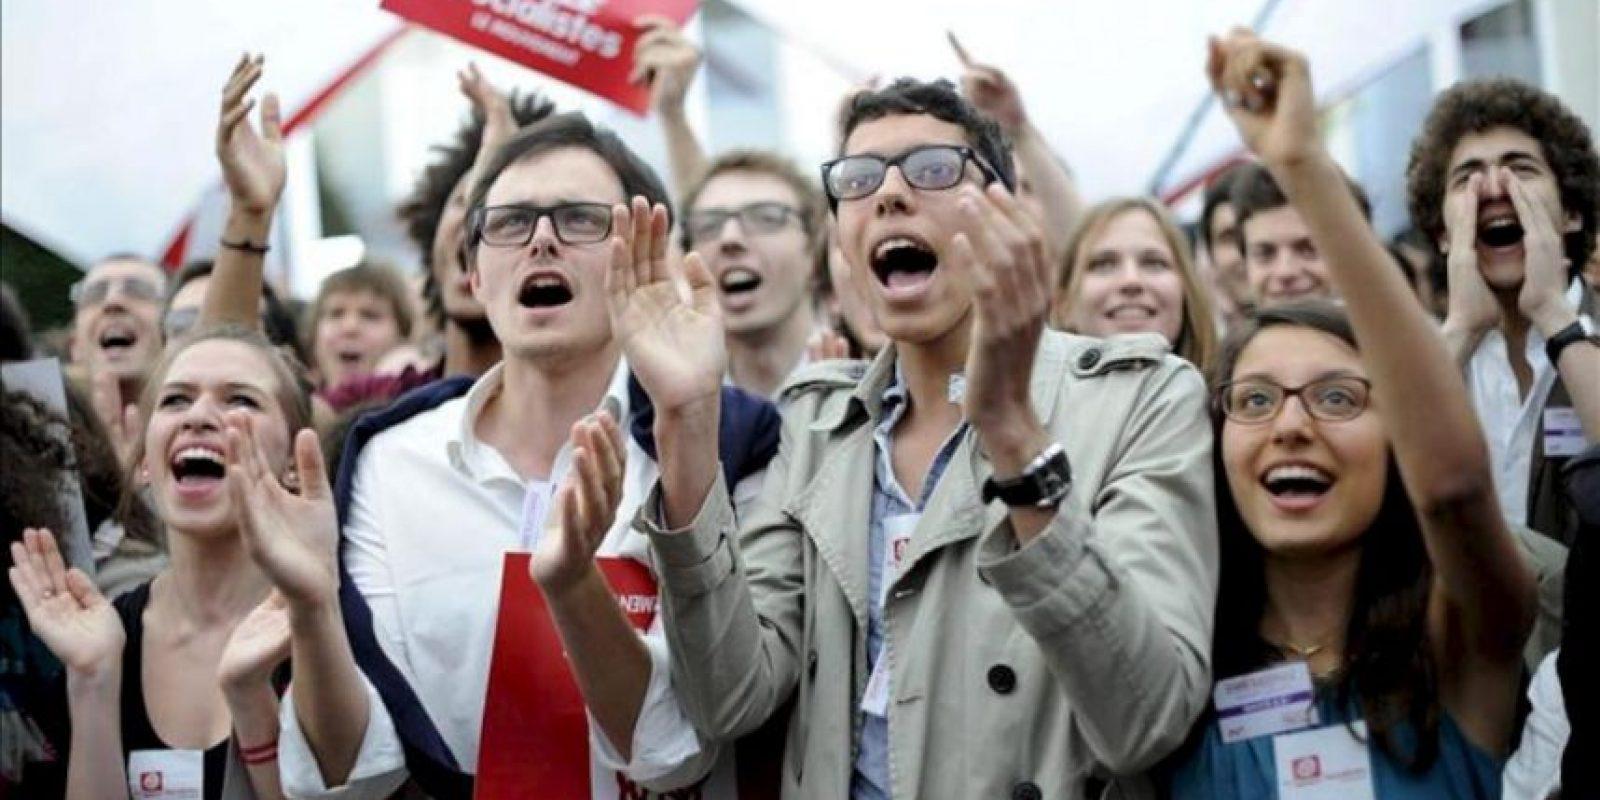 Simpatizantes del partido socialista francés celebran tras conocer los primeros resultados de las elecciones legislativas, en París, Francia. EFE